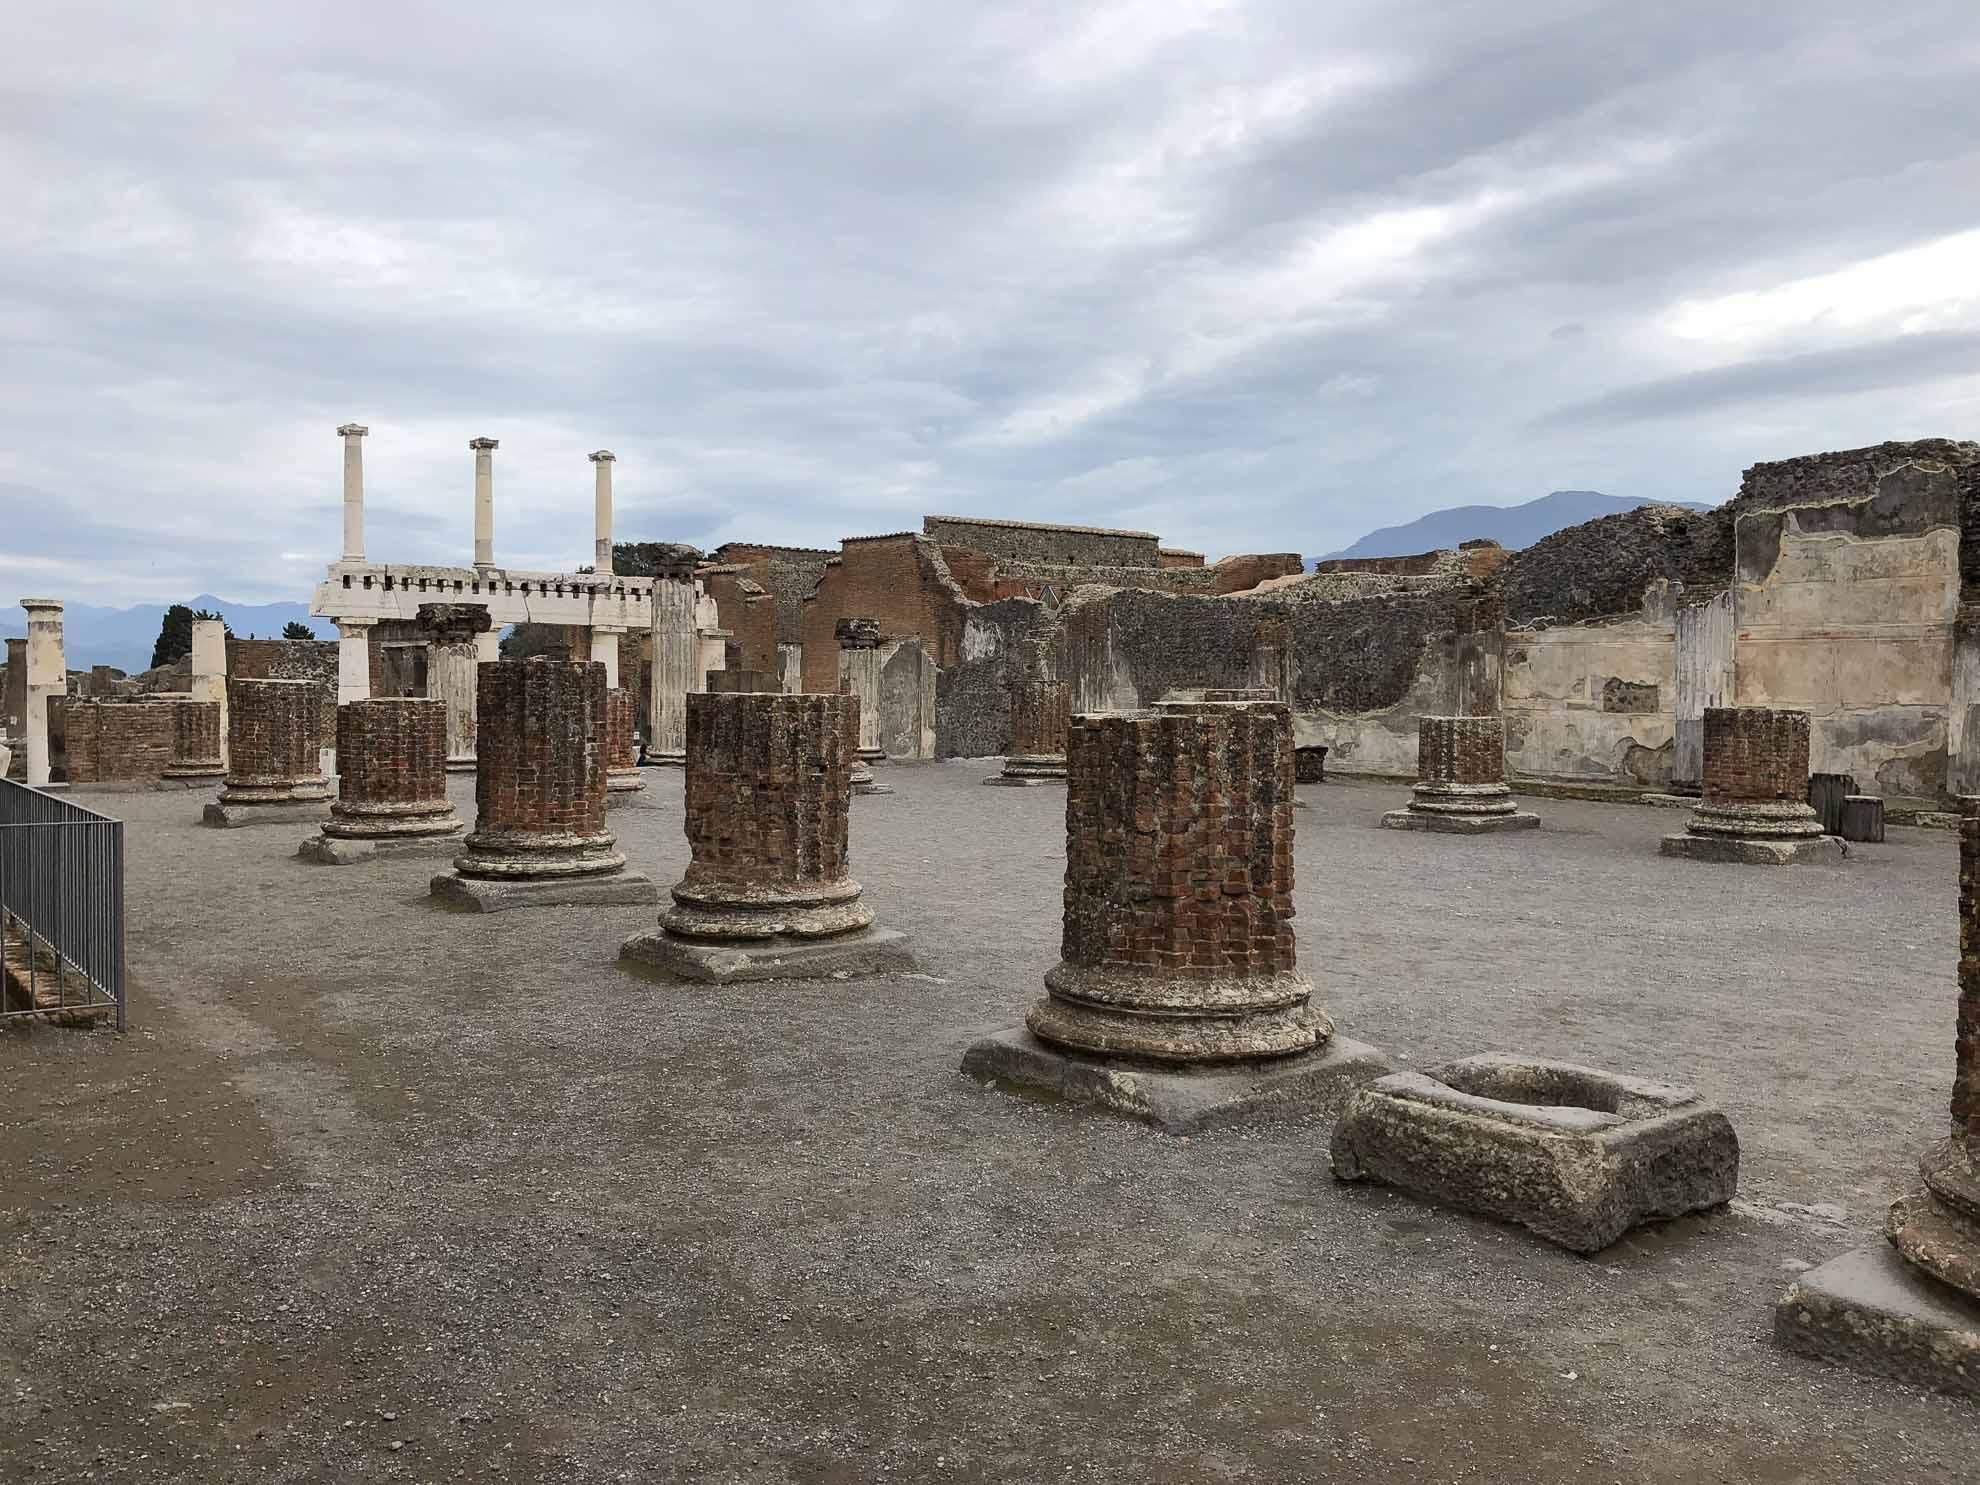 Vom Hafen ist es nicht weit nach Pompeji. Wir starten zum Landausflug zur Ausgrabungsstätte der einst verschütteten antiken Stadt Pompeji.